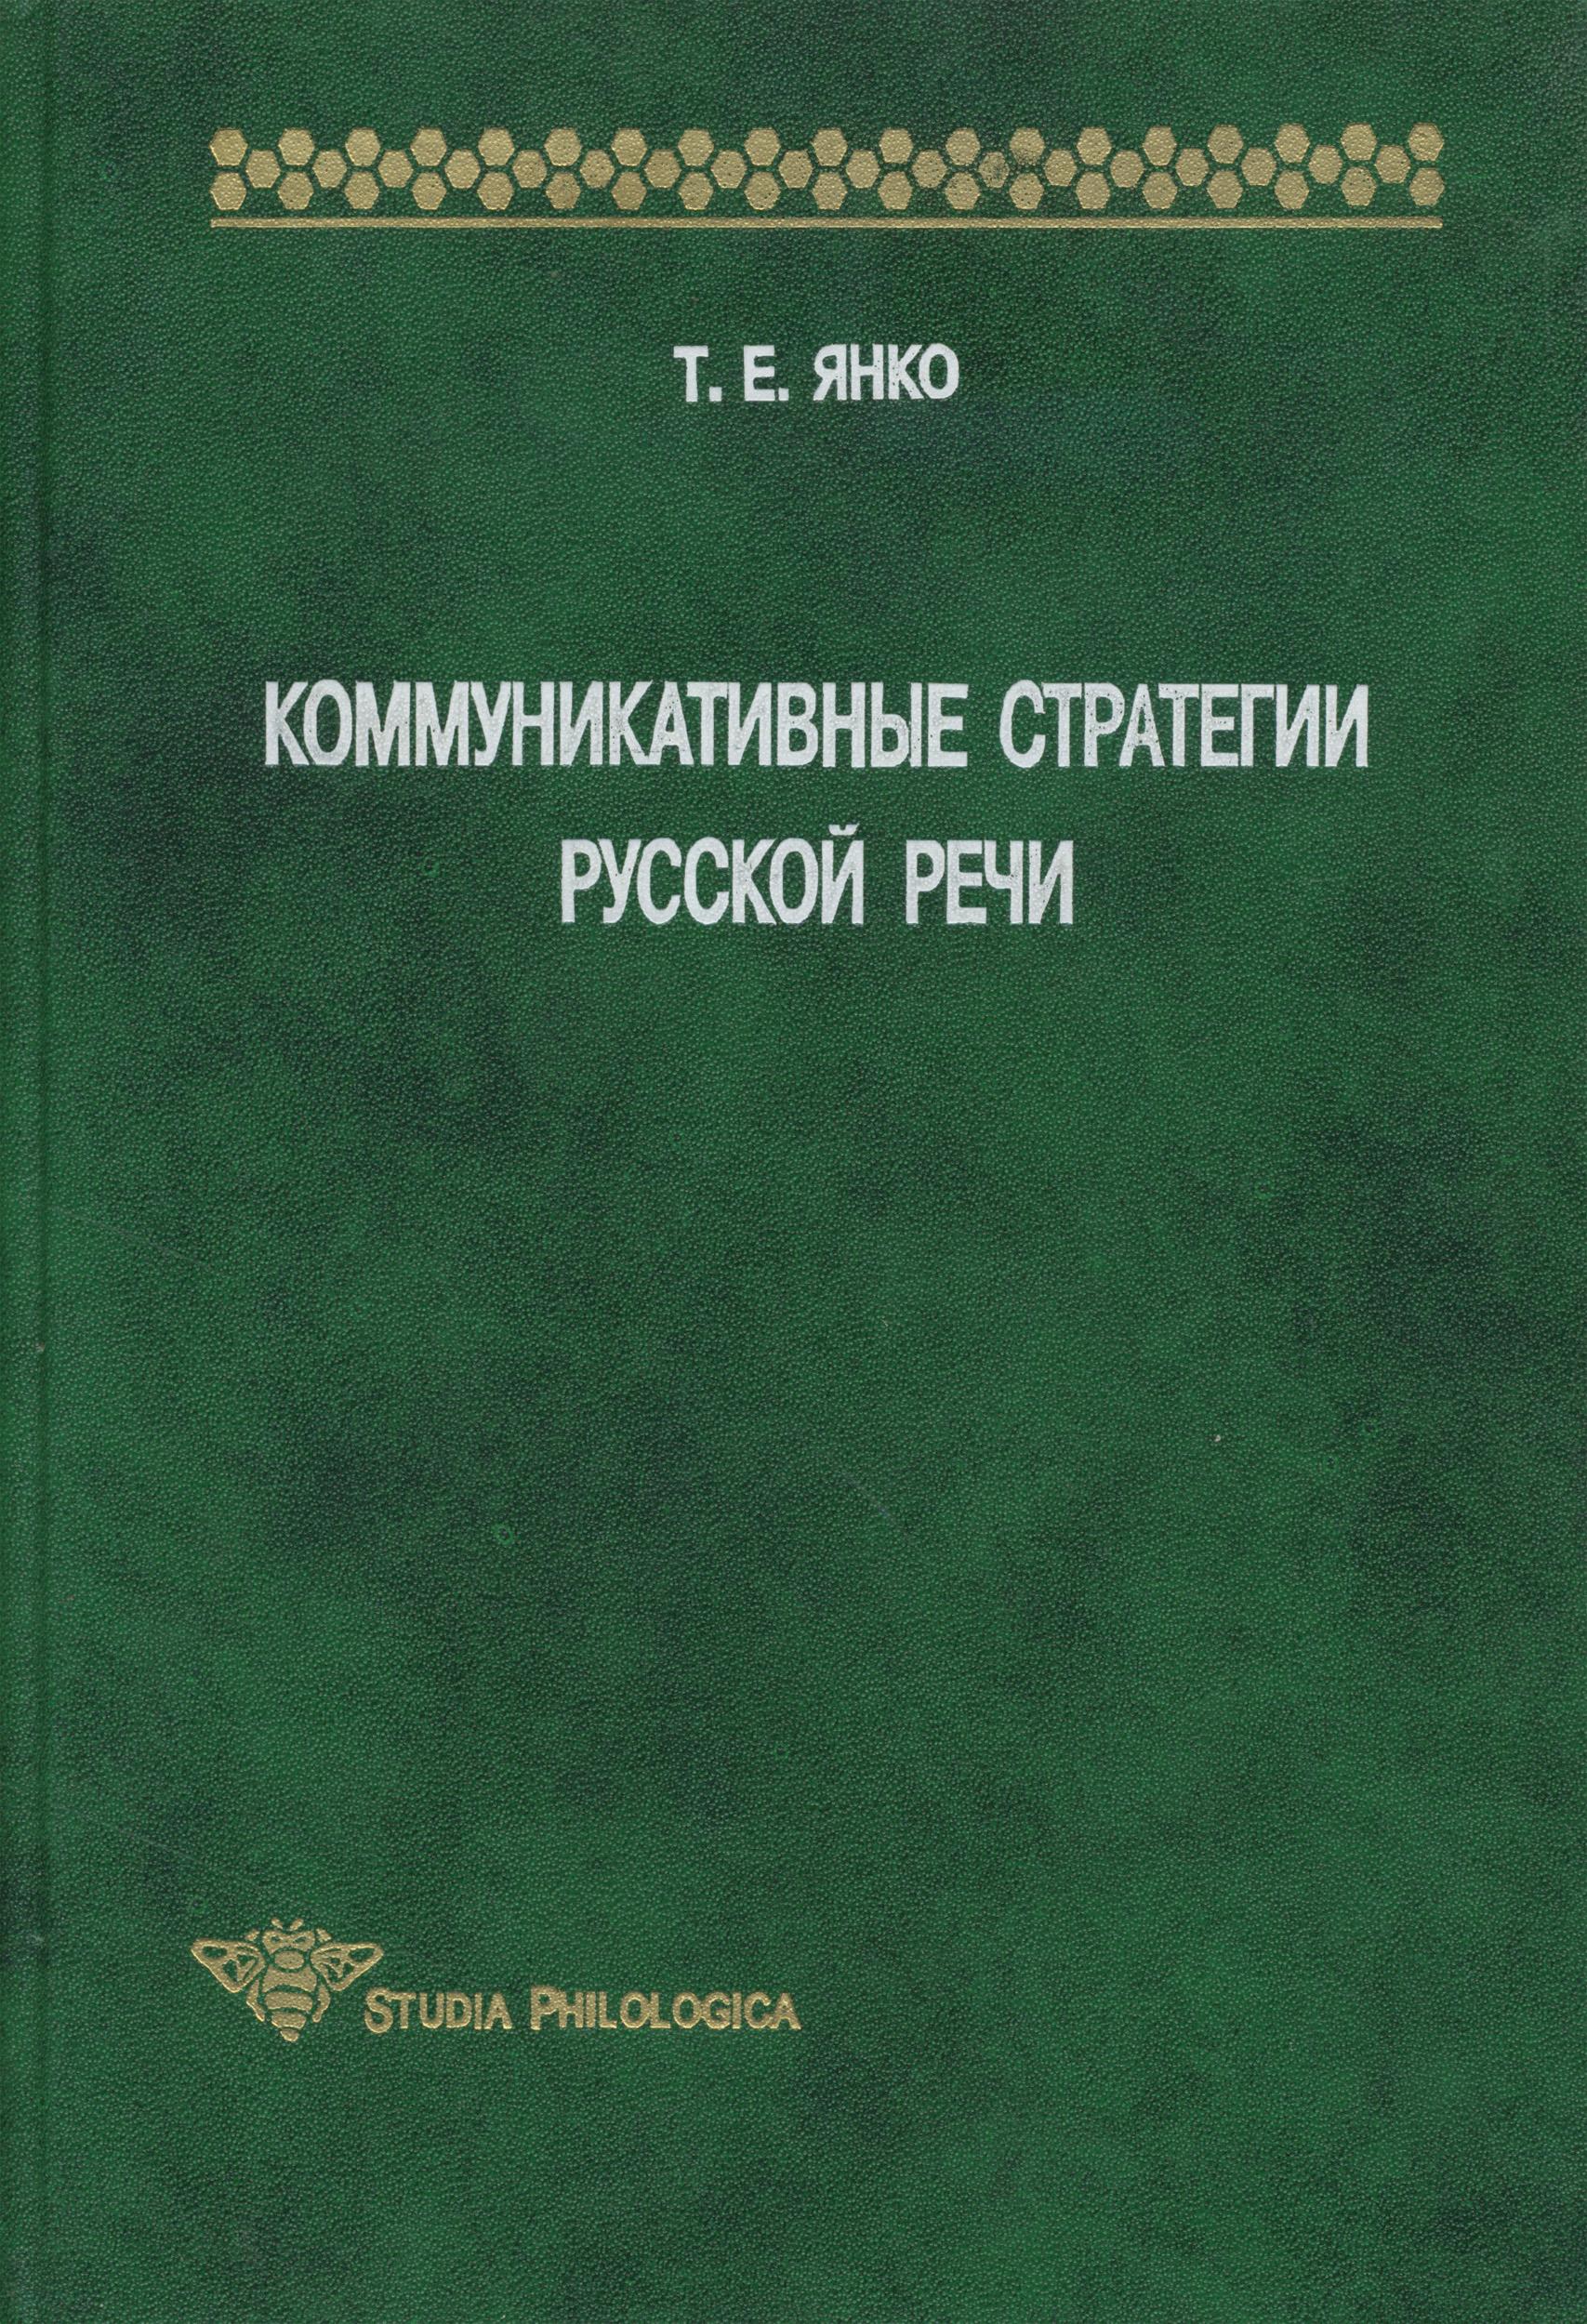 Т. Е. Янко Коммуникативные стратегии русской речи